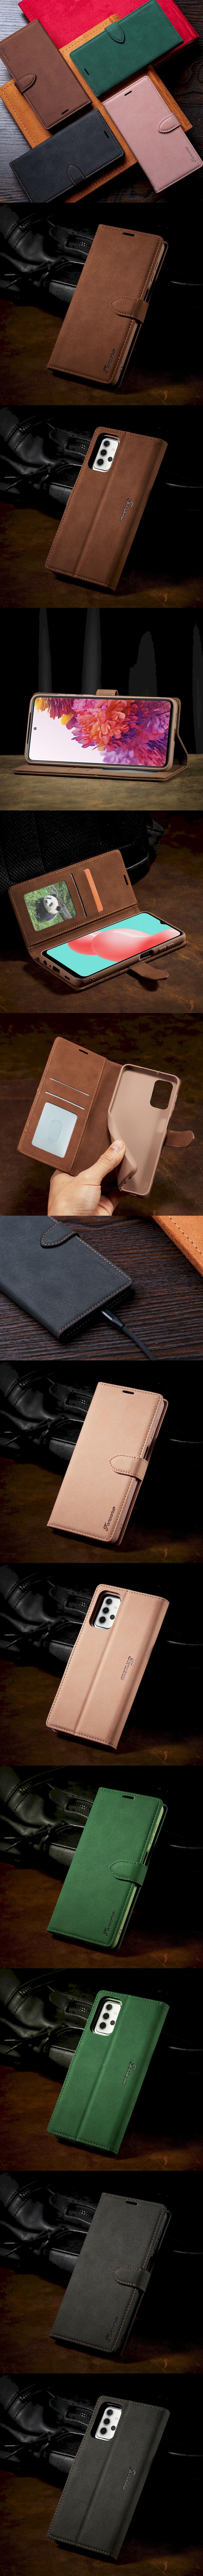 345-Samsung-磨砂仿皮側邊磁扣保護套插卡手機皮套(A52 5G)